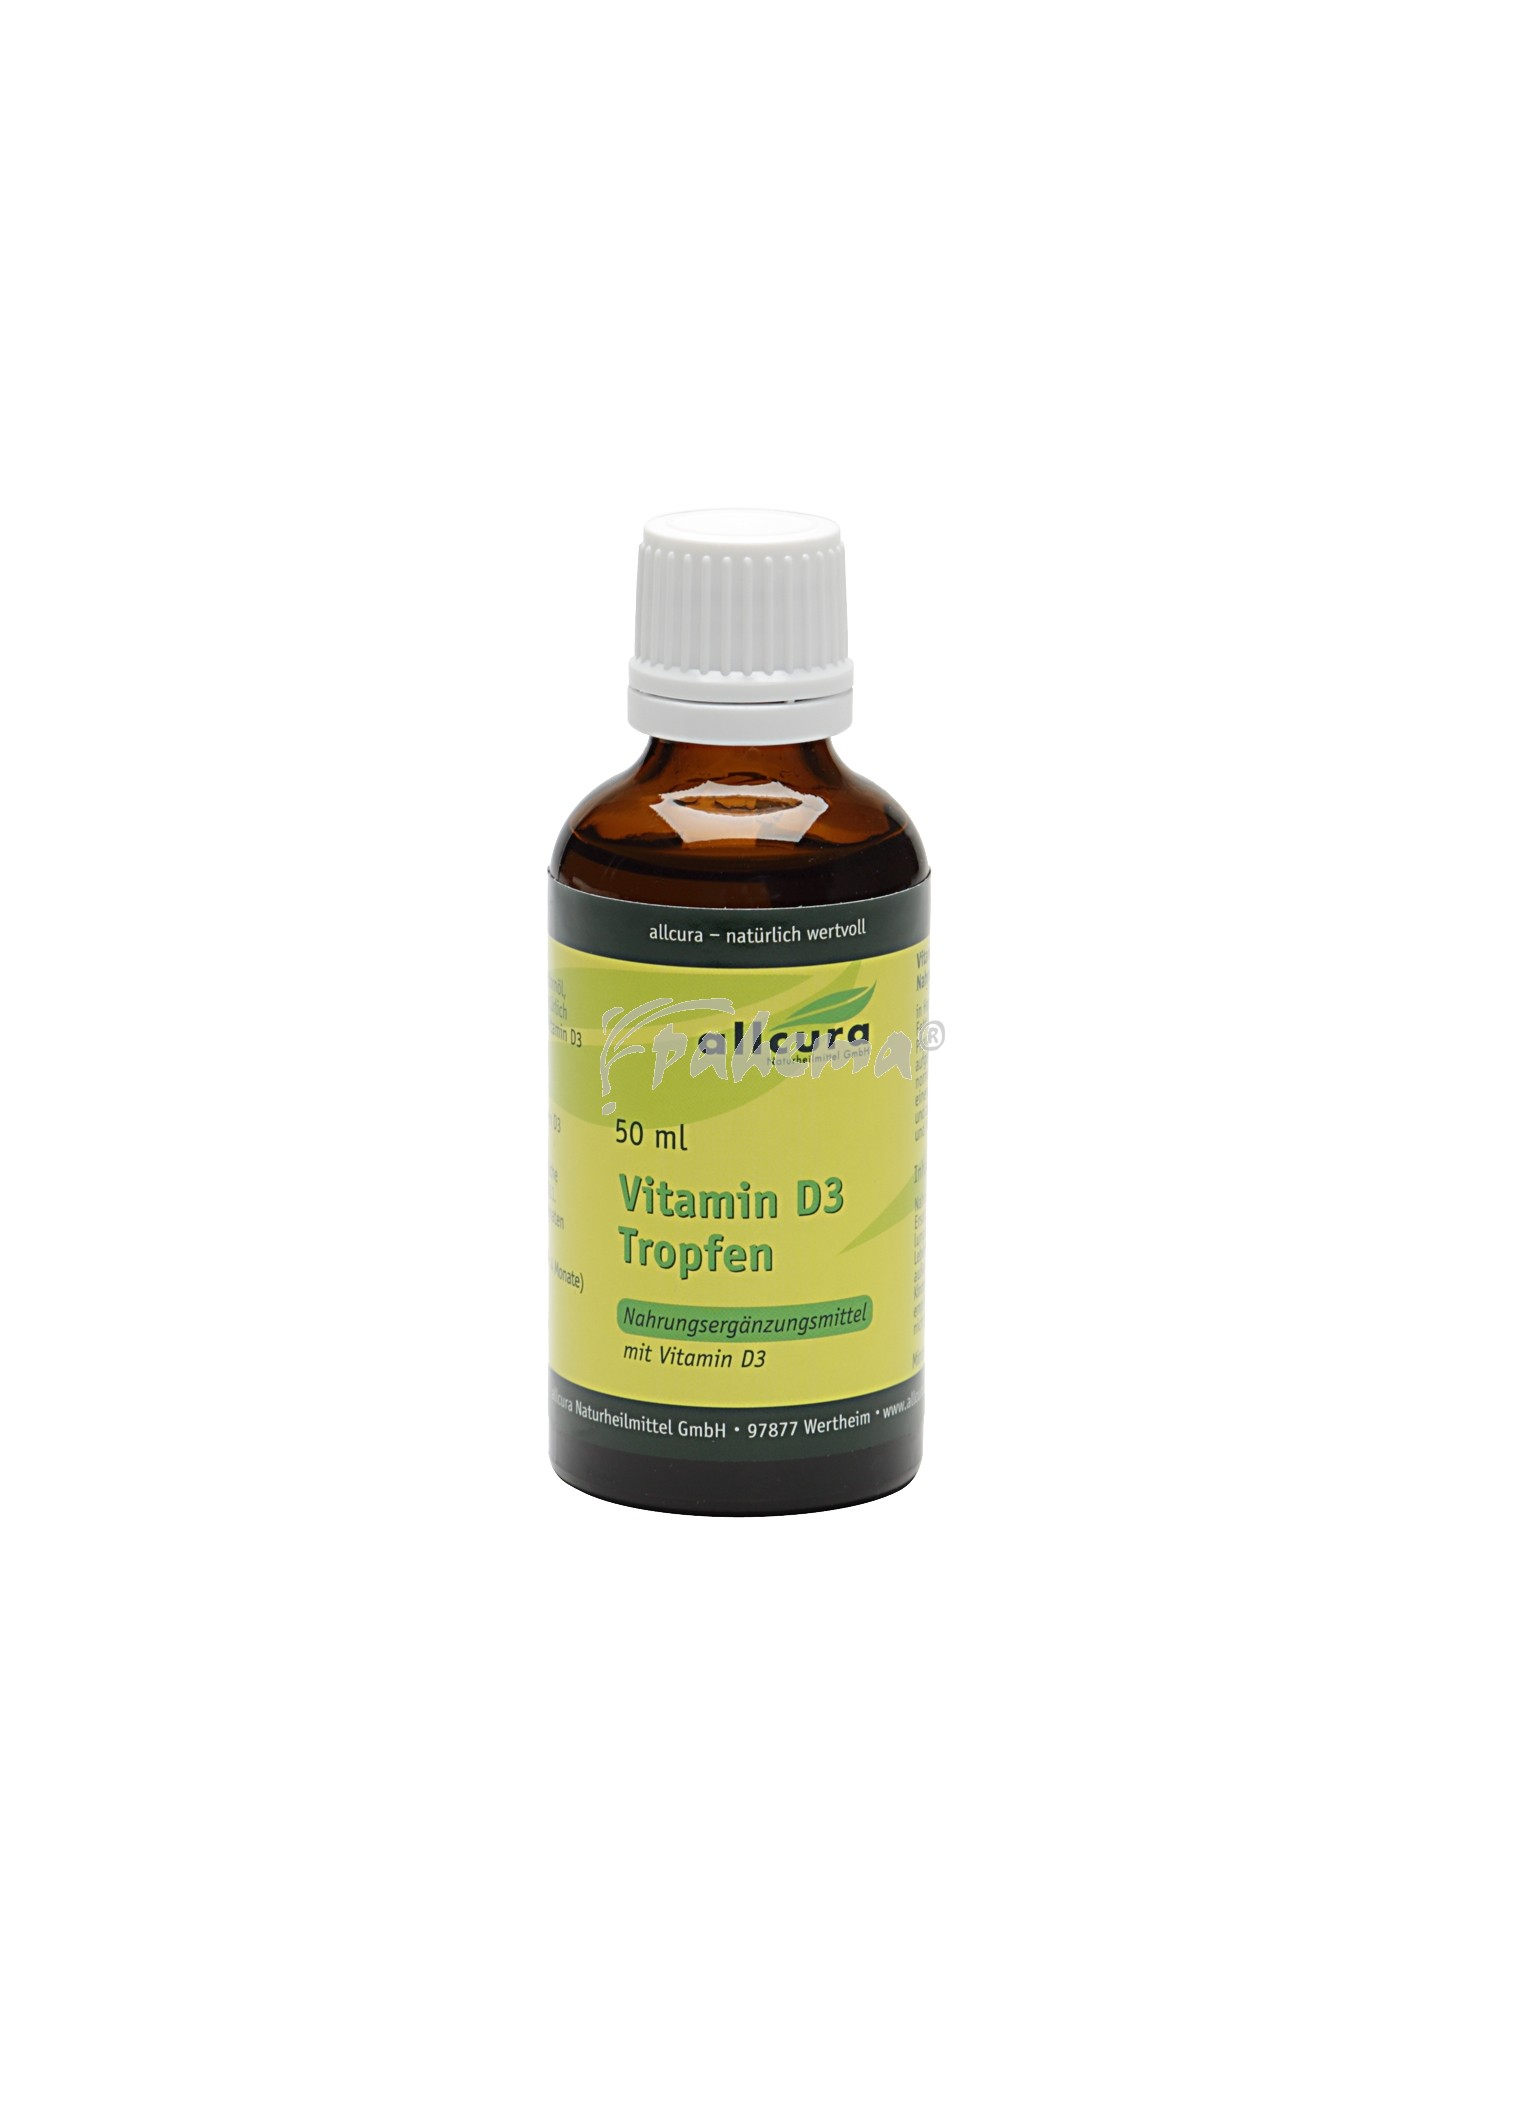 Produktbild: Vitamin D3 Tropfen